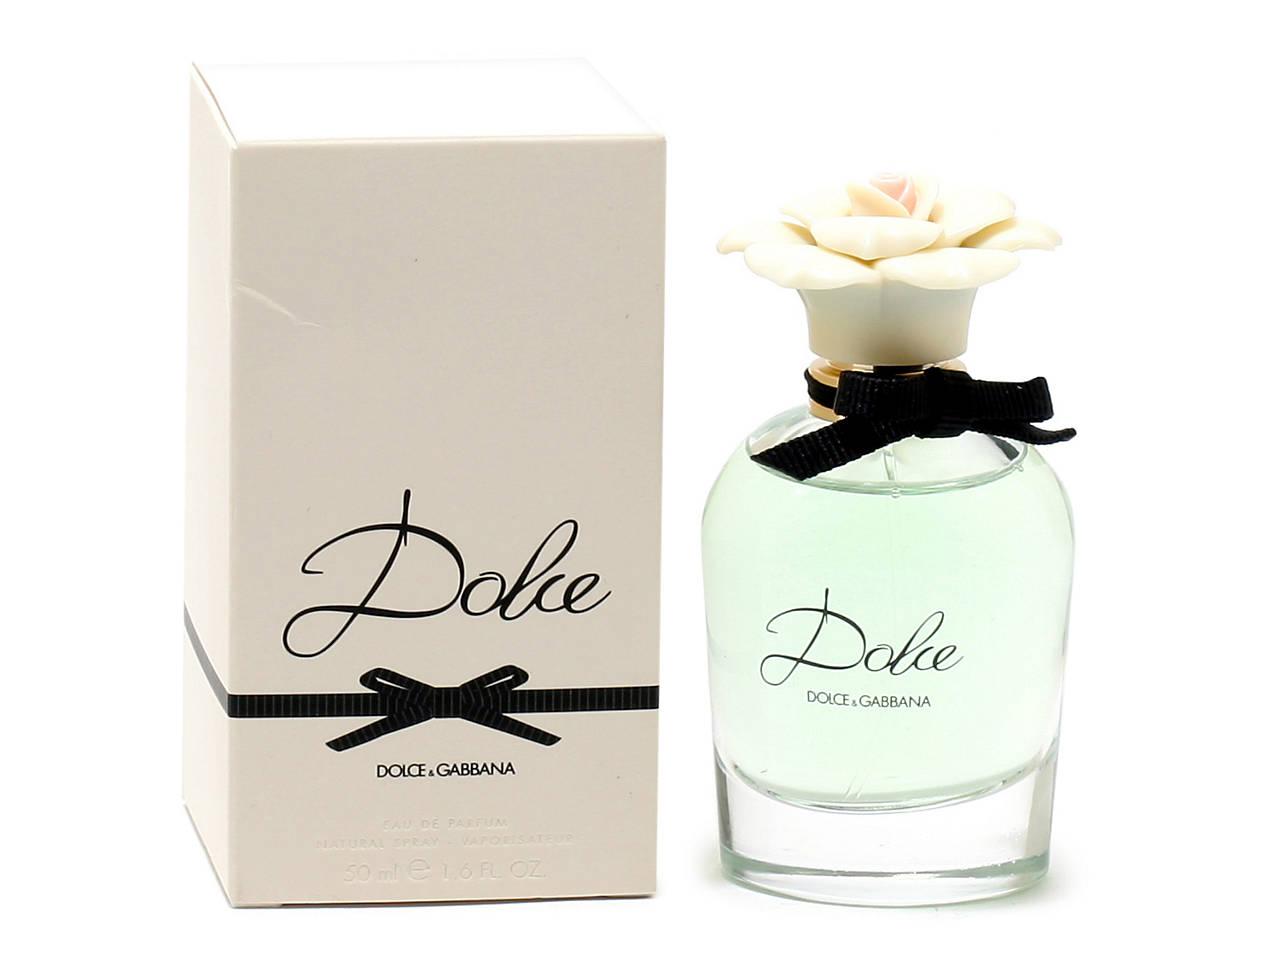 7f5c148c81a11 Dolce   Gabbana - Fragrance Dolce Eau de Parfum Spray - Women s ...